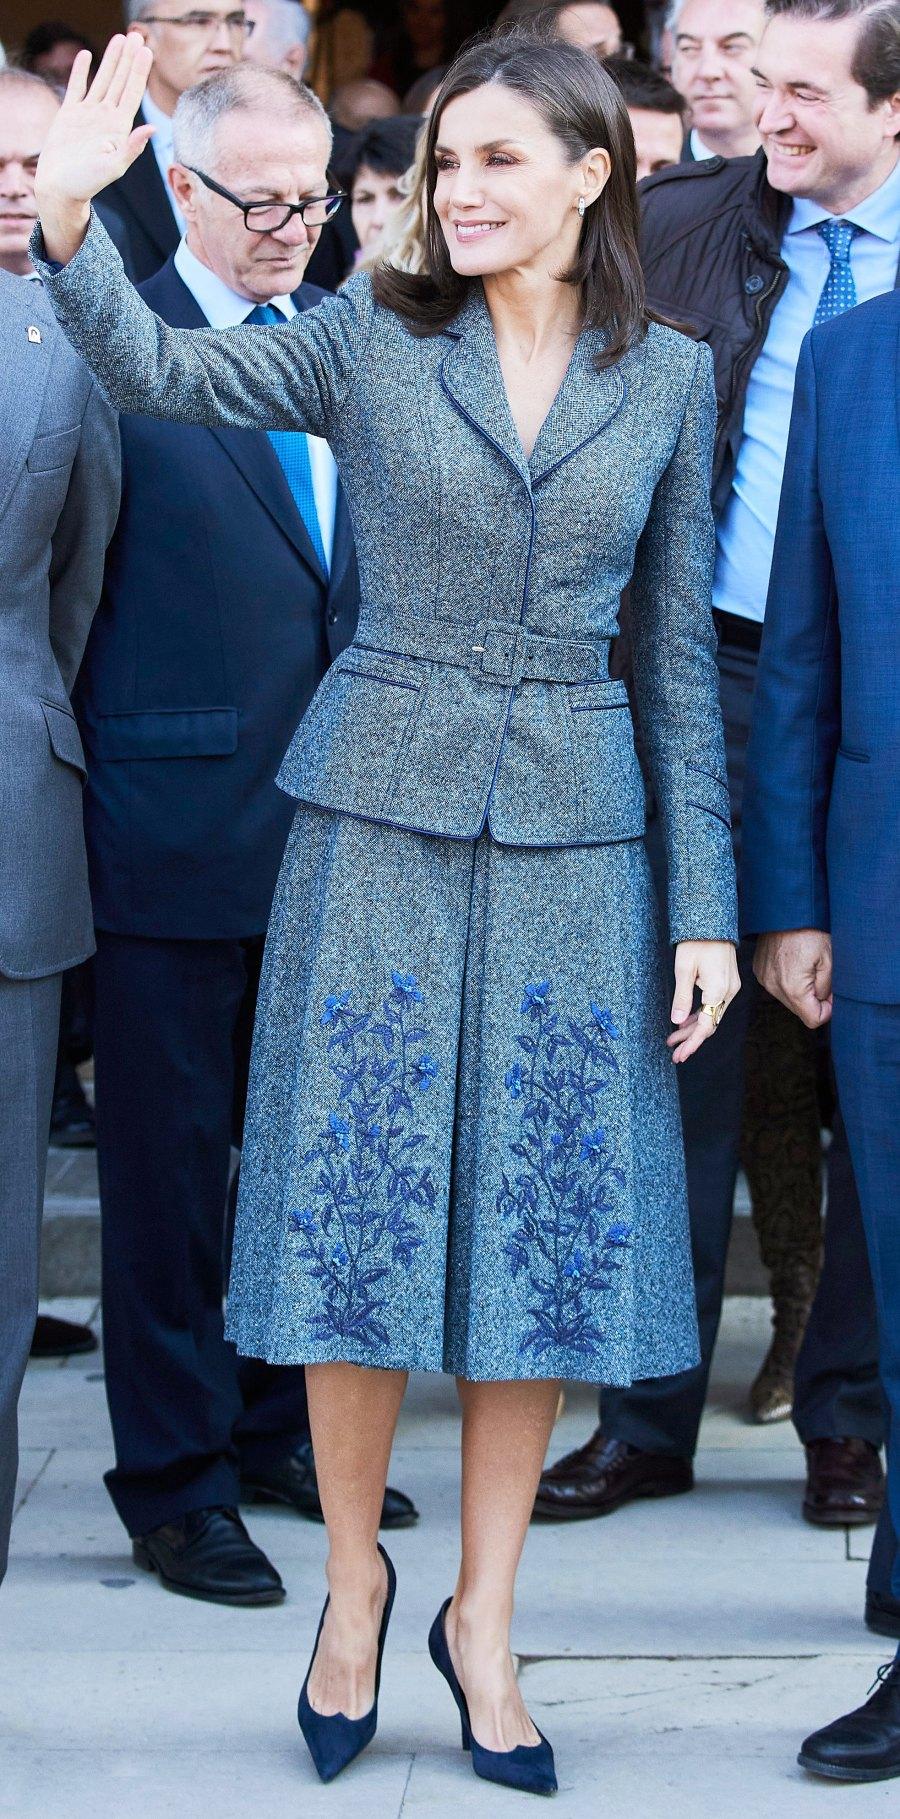 Queen Letizia Grey Skirt December 5, 2019